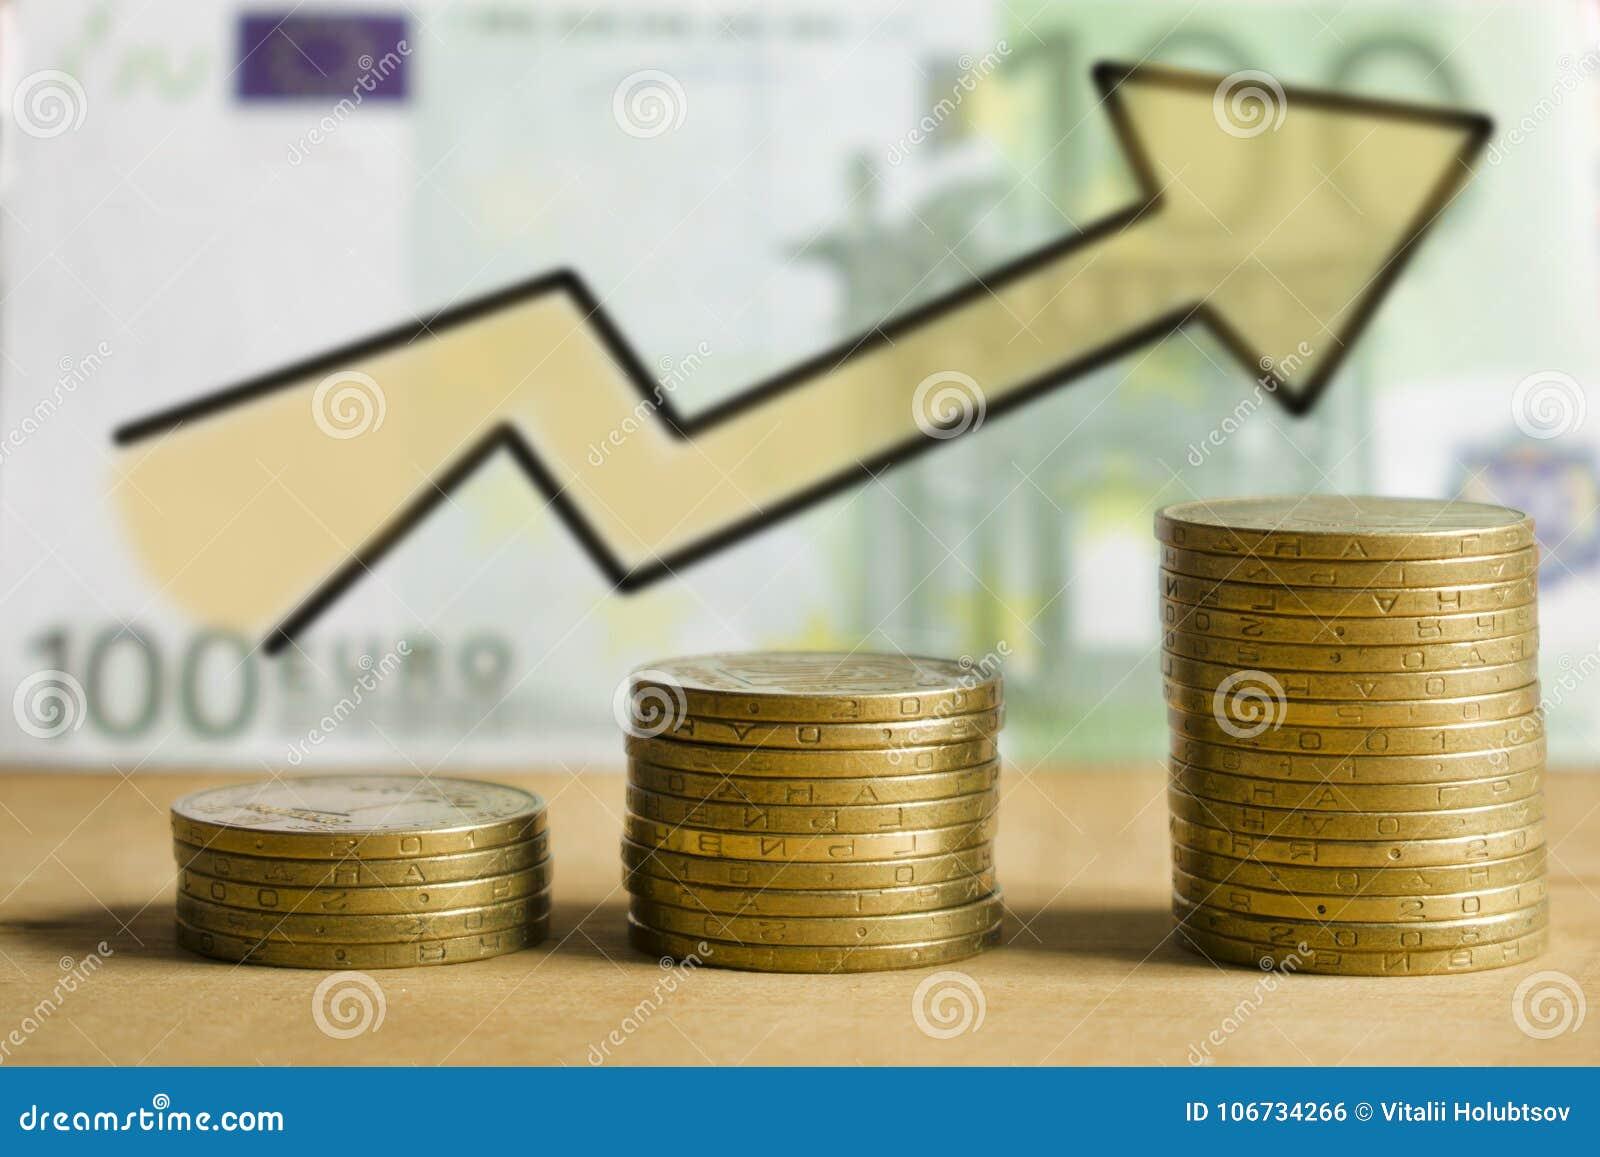 Το ευρώ πίσω από το σχέδιο είναι κέρδος και αύξηση